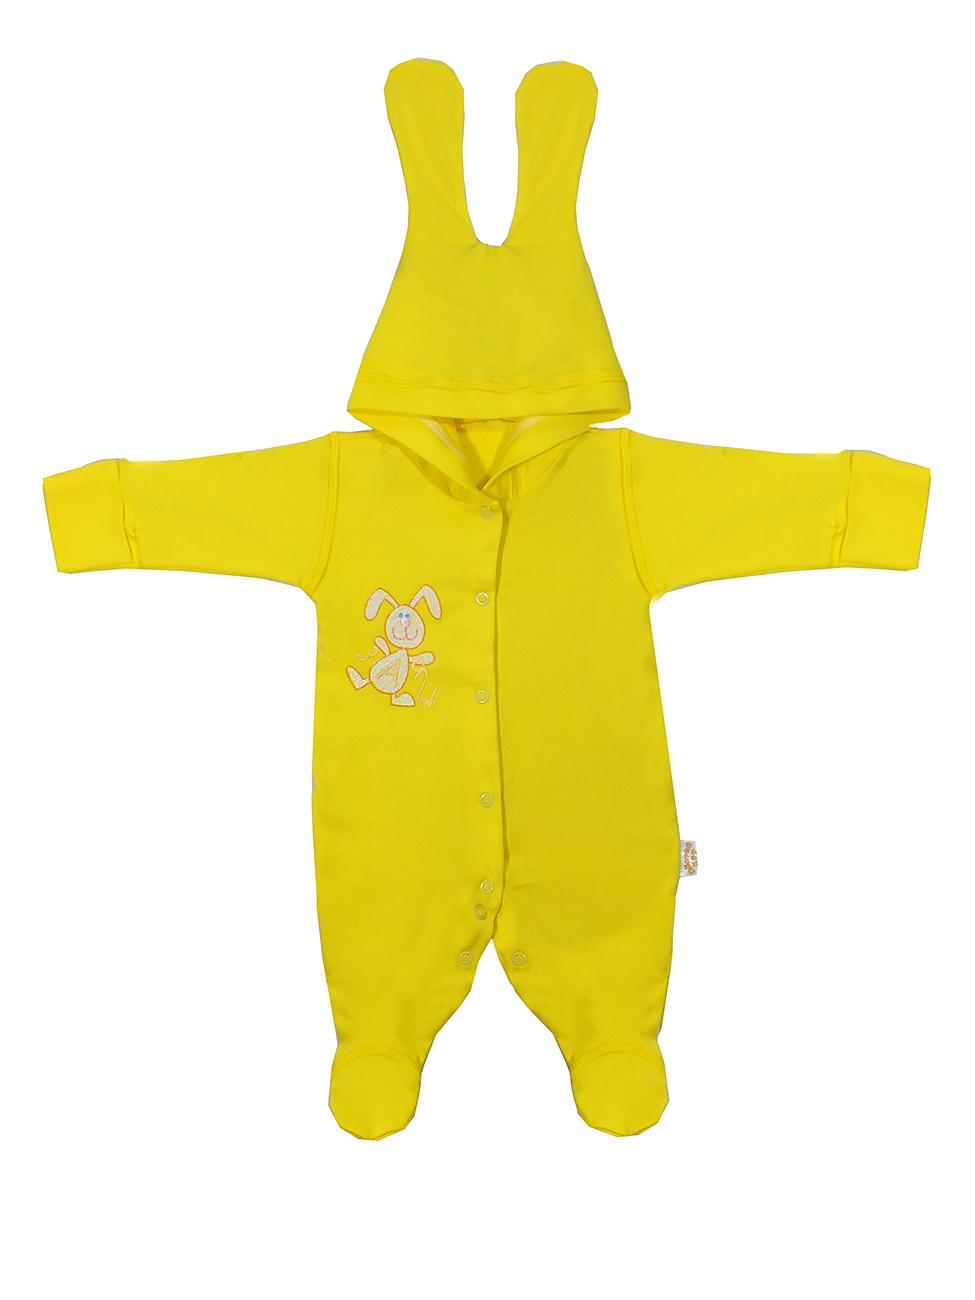 Желтый Кот Детская Одежда Интернет Магазин